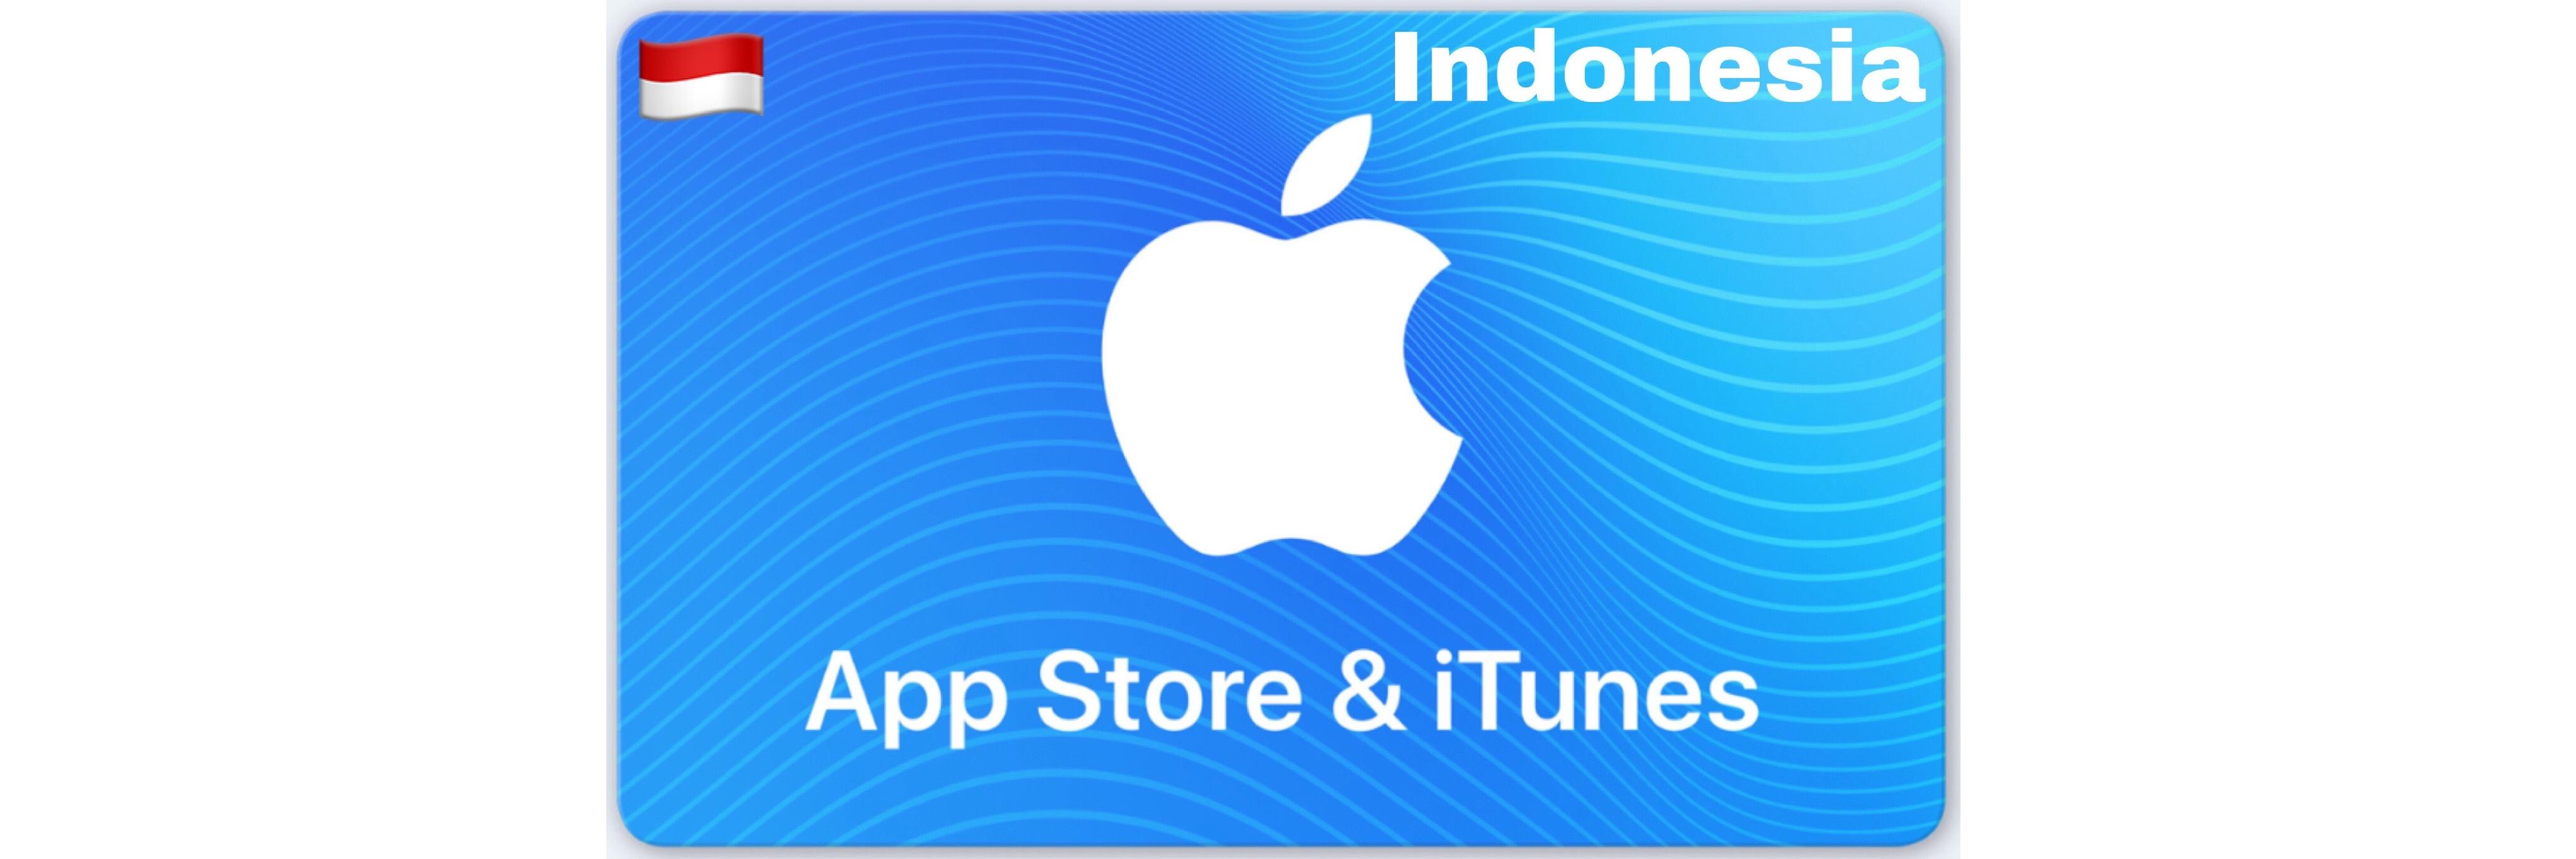 Apple iTunes Gift Card Indonesia 150ribu 200ribu 250ribu 300ribu 500ribu 1juta. Jasa Pembelian Satuan iTunes App Store Indonesia